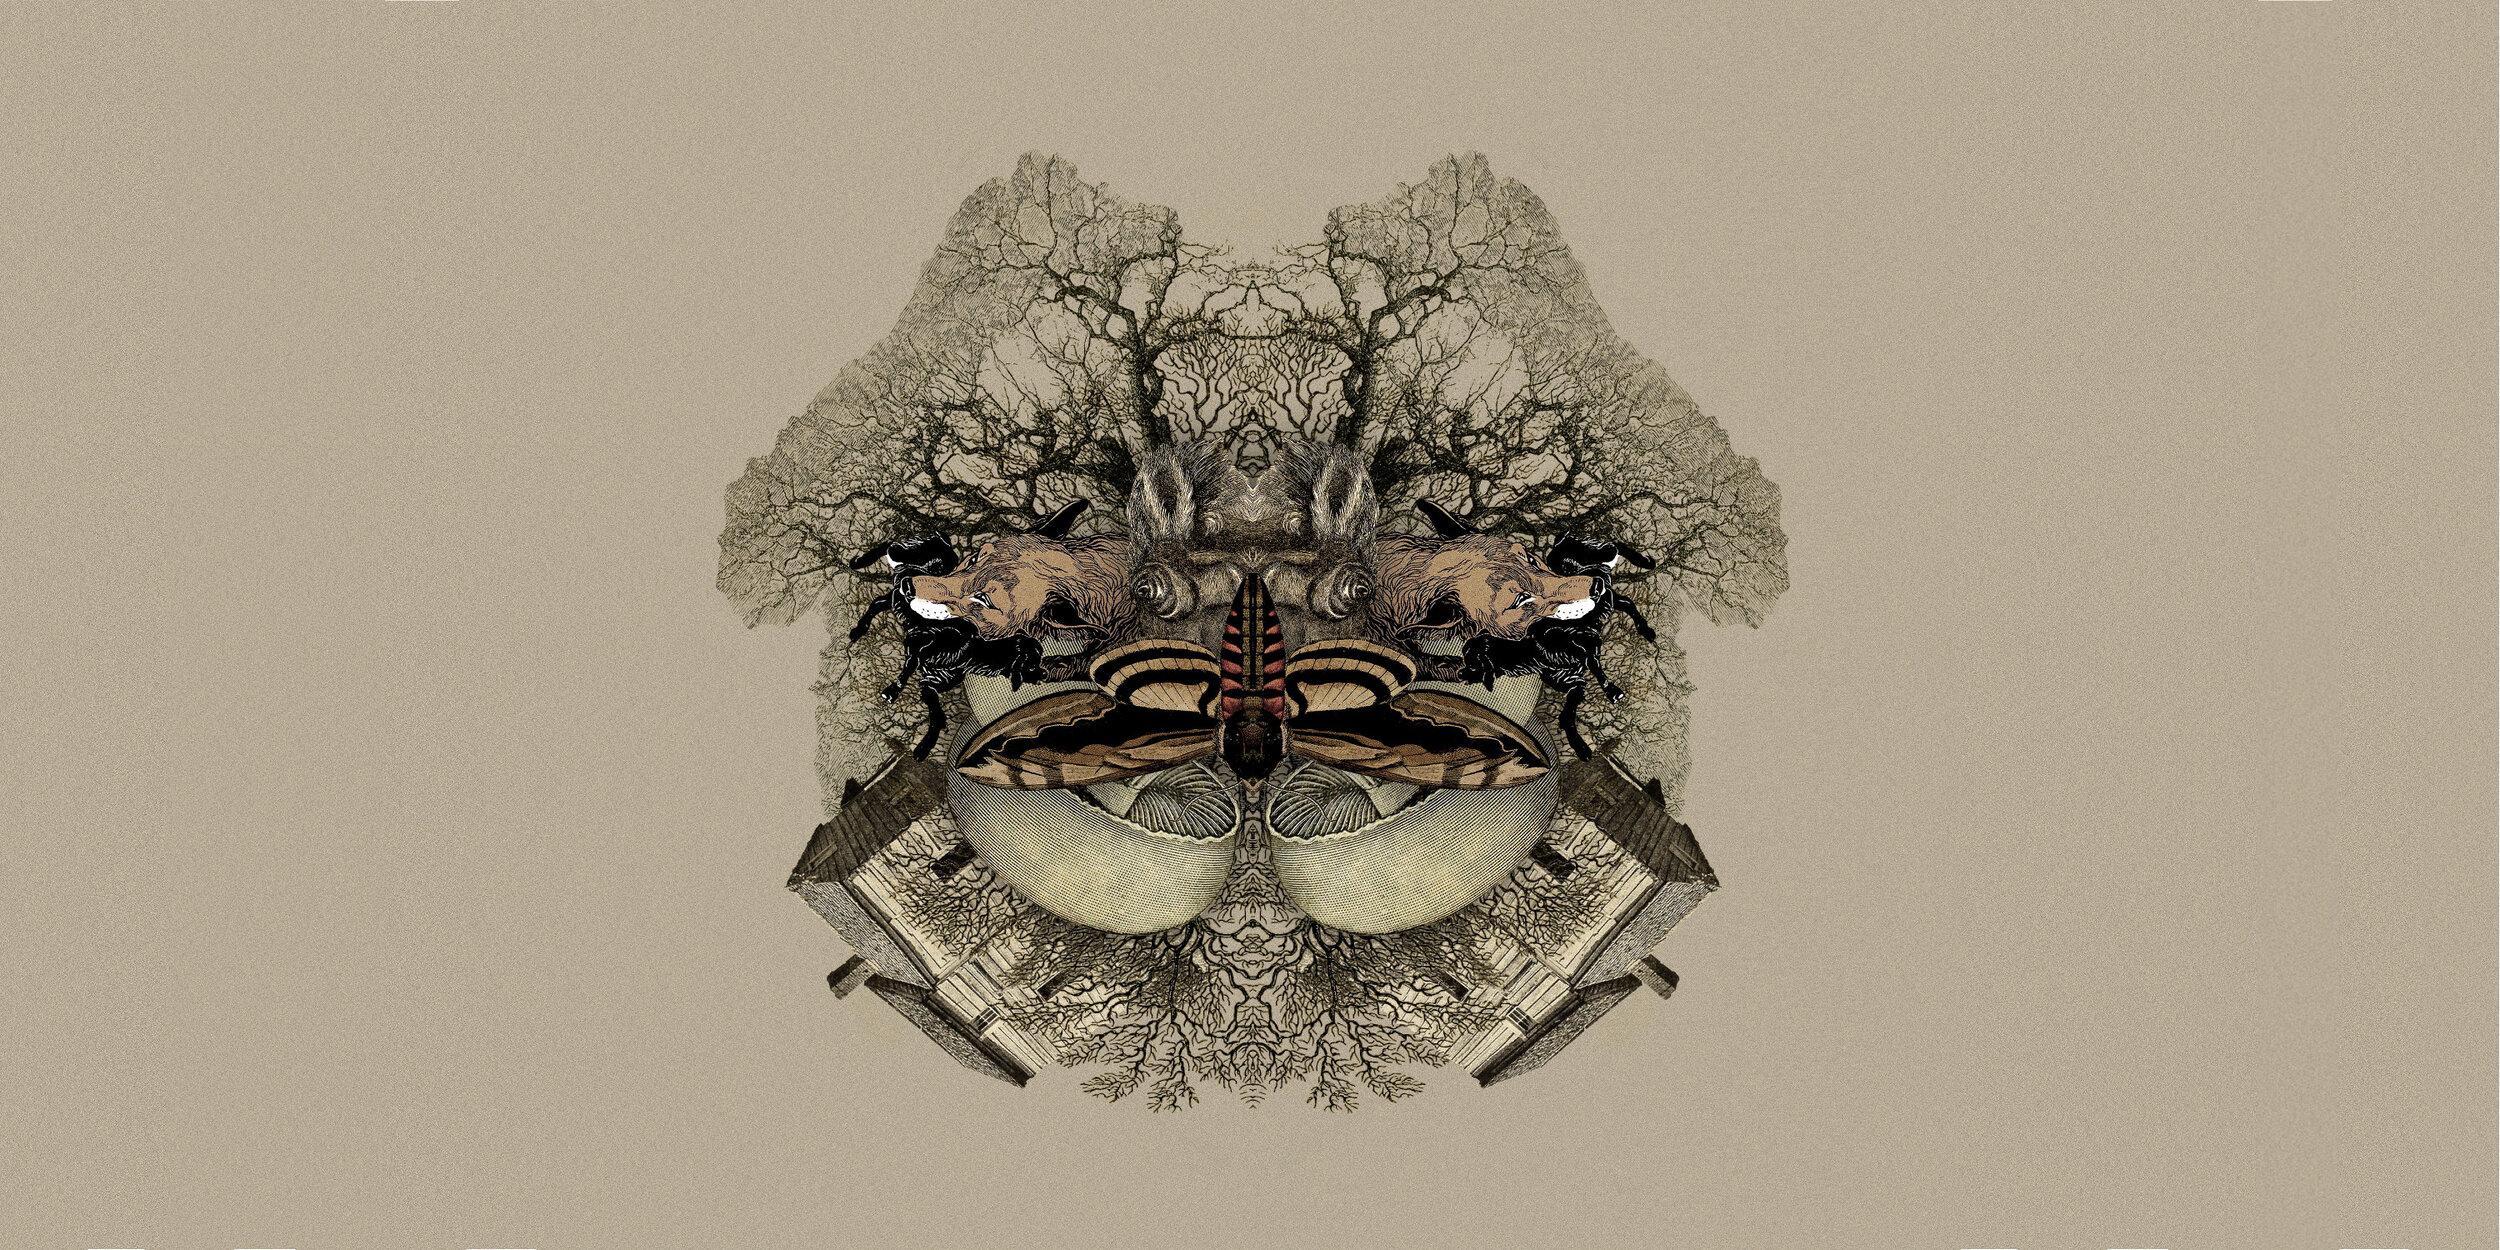 Musketeer_Final_Artwork_Wolves BannerSD.jpg